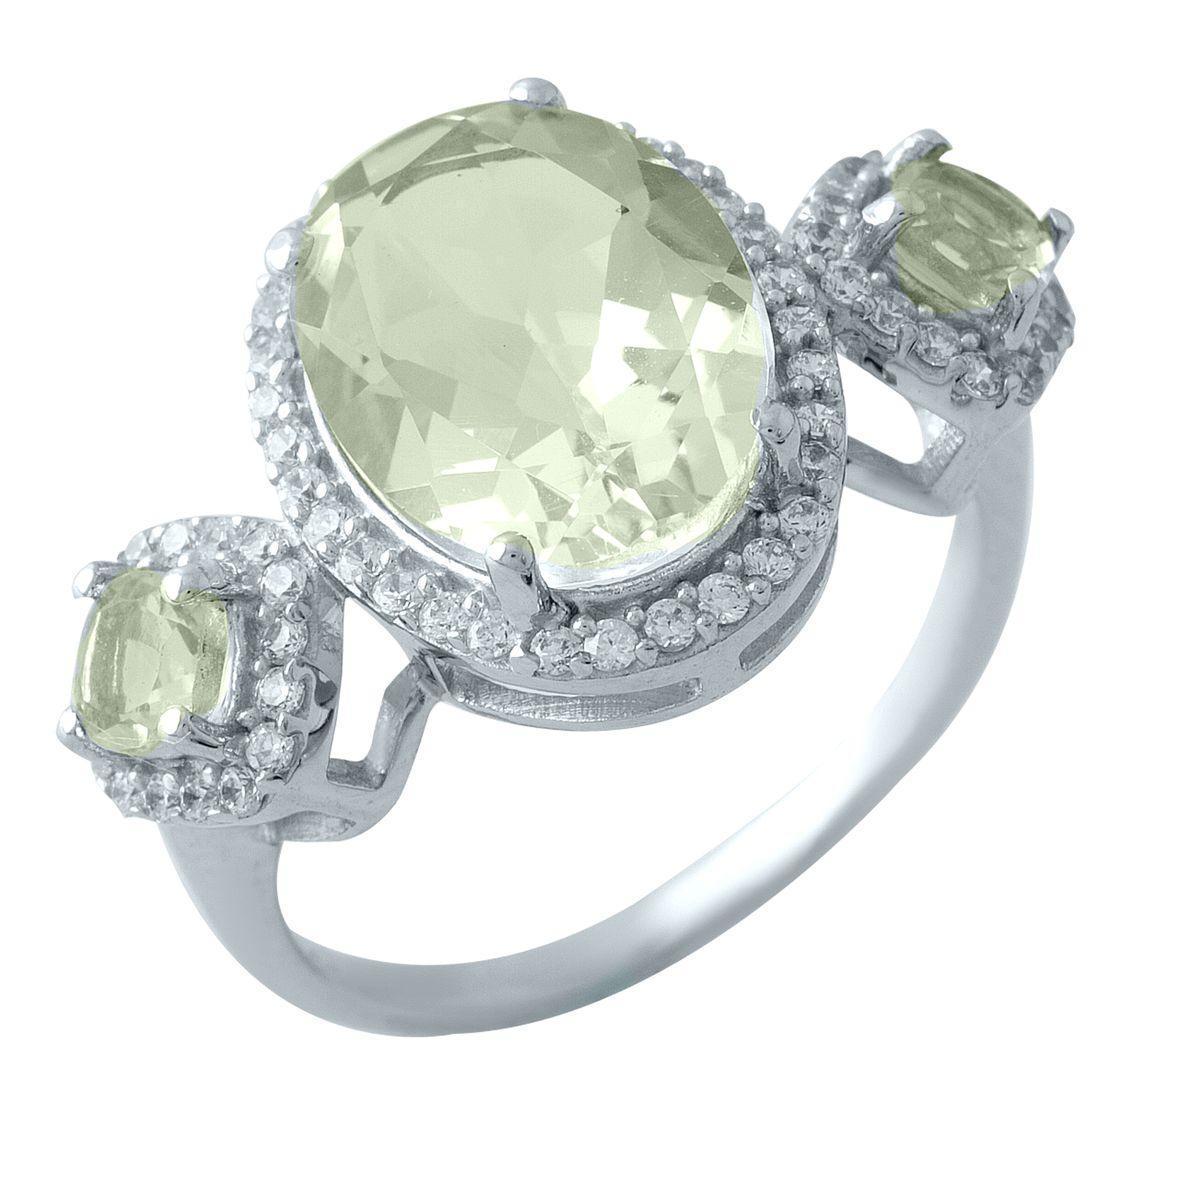 Родированное серебряное кольцо 925 пробы с натуральным зеленим аметистом